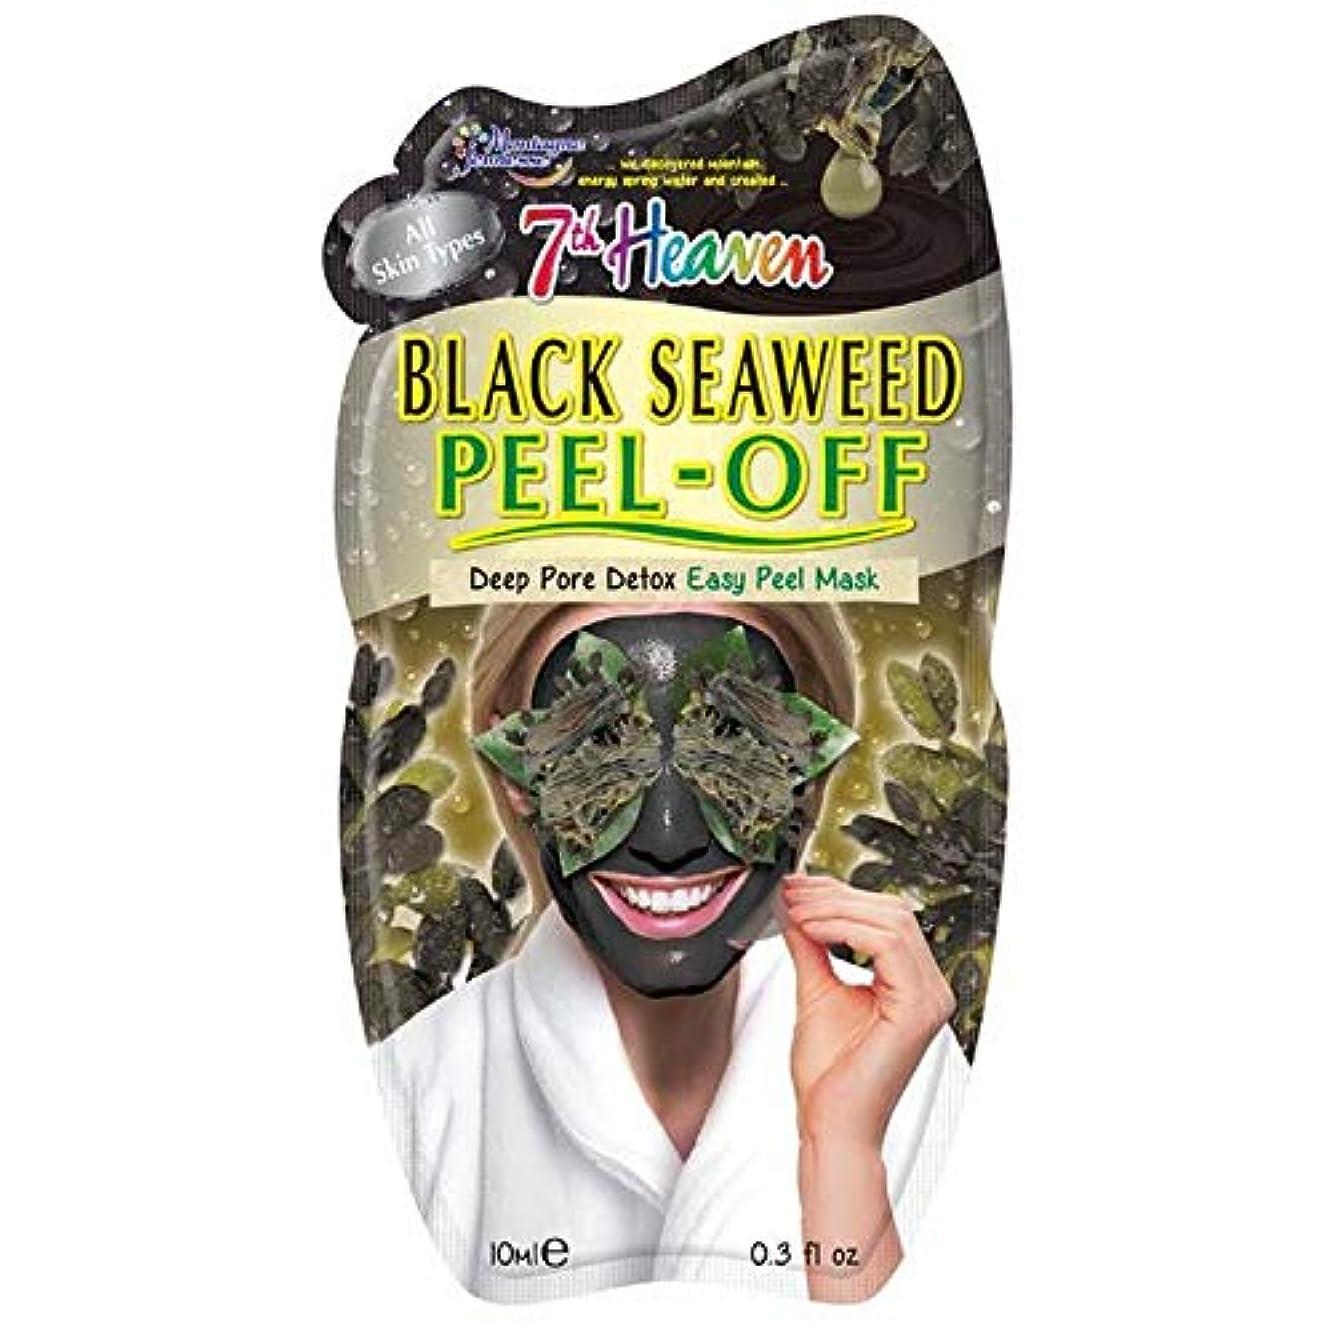 特殊地域の便宜[Montagne Jeunesse] モンターニュジュネス第七天国黒海藻顔仮面の10ミリリットルをはがし - Montagne Jeunesse 7th Heaven Black Seaweed Peel Off Face...